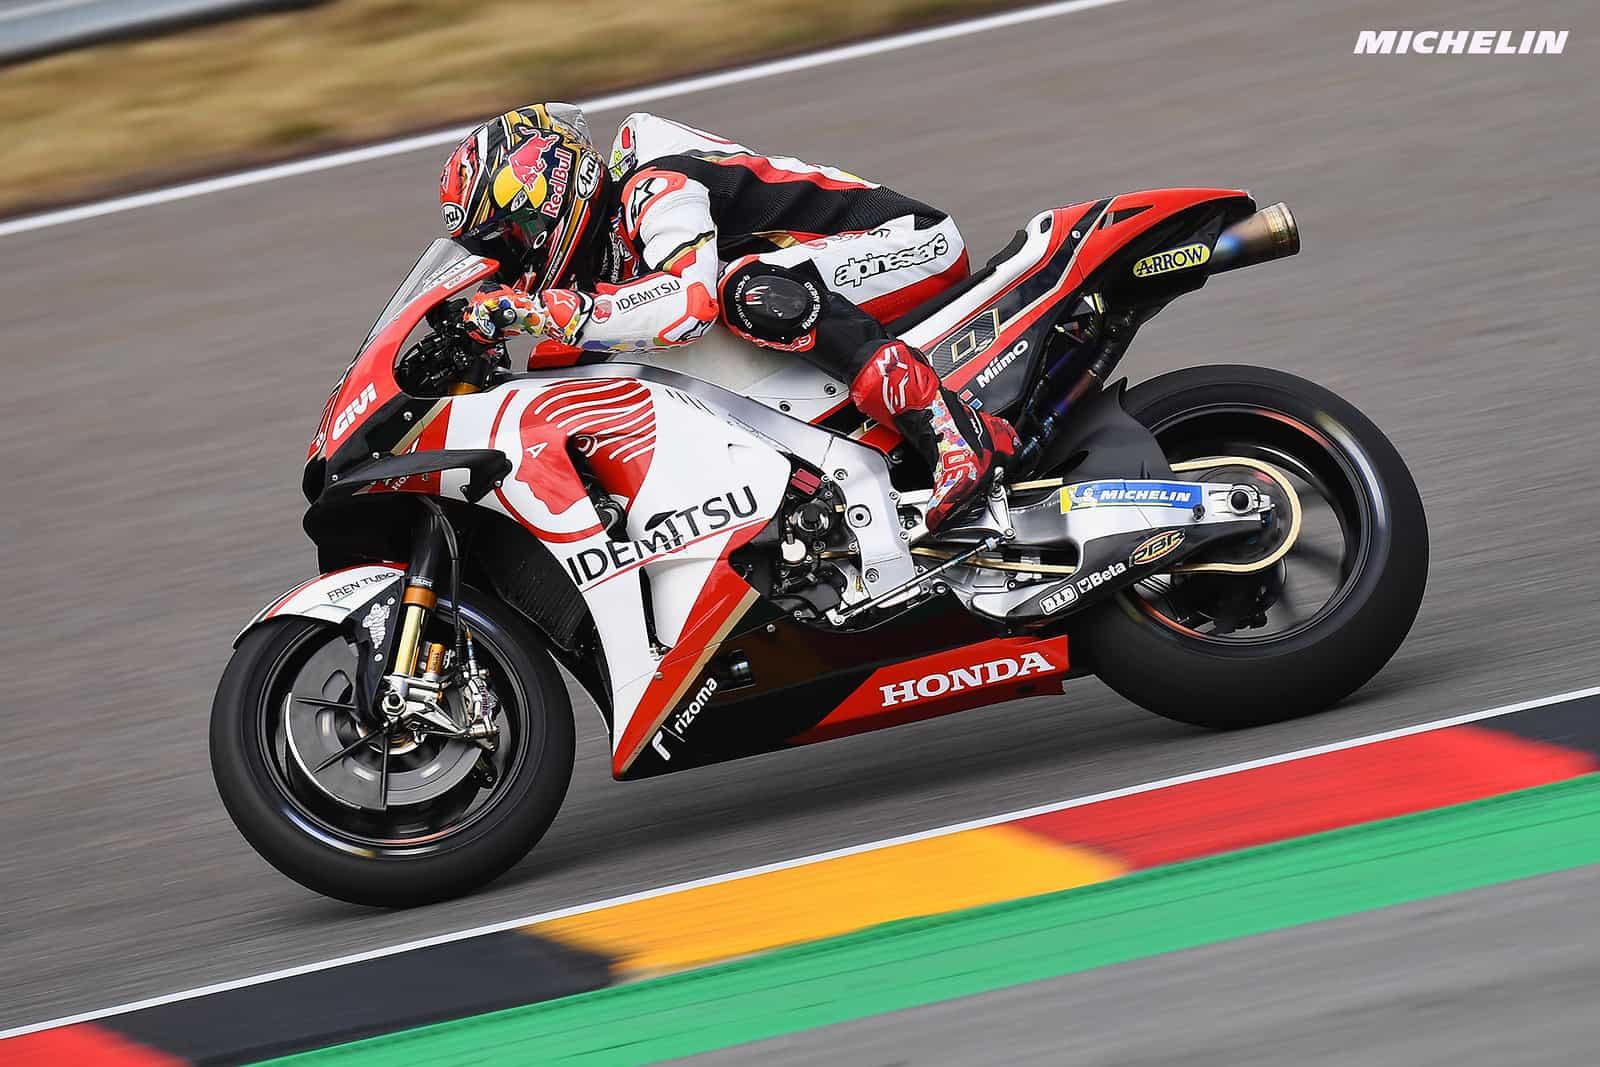 MotoGP2019ドイツGP 14位中上「体力を温存してレースを走りきろうと決めていた」